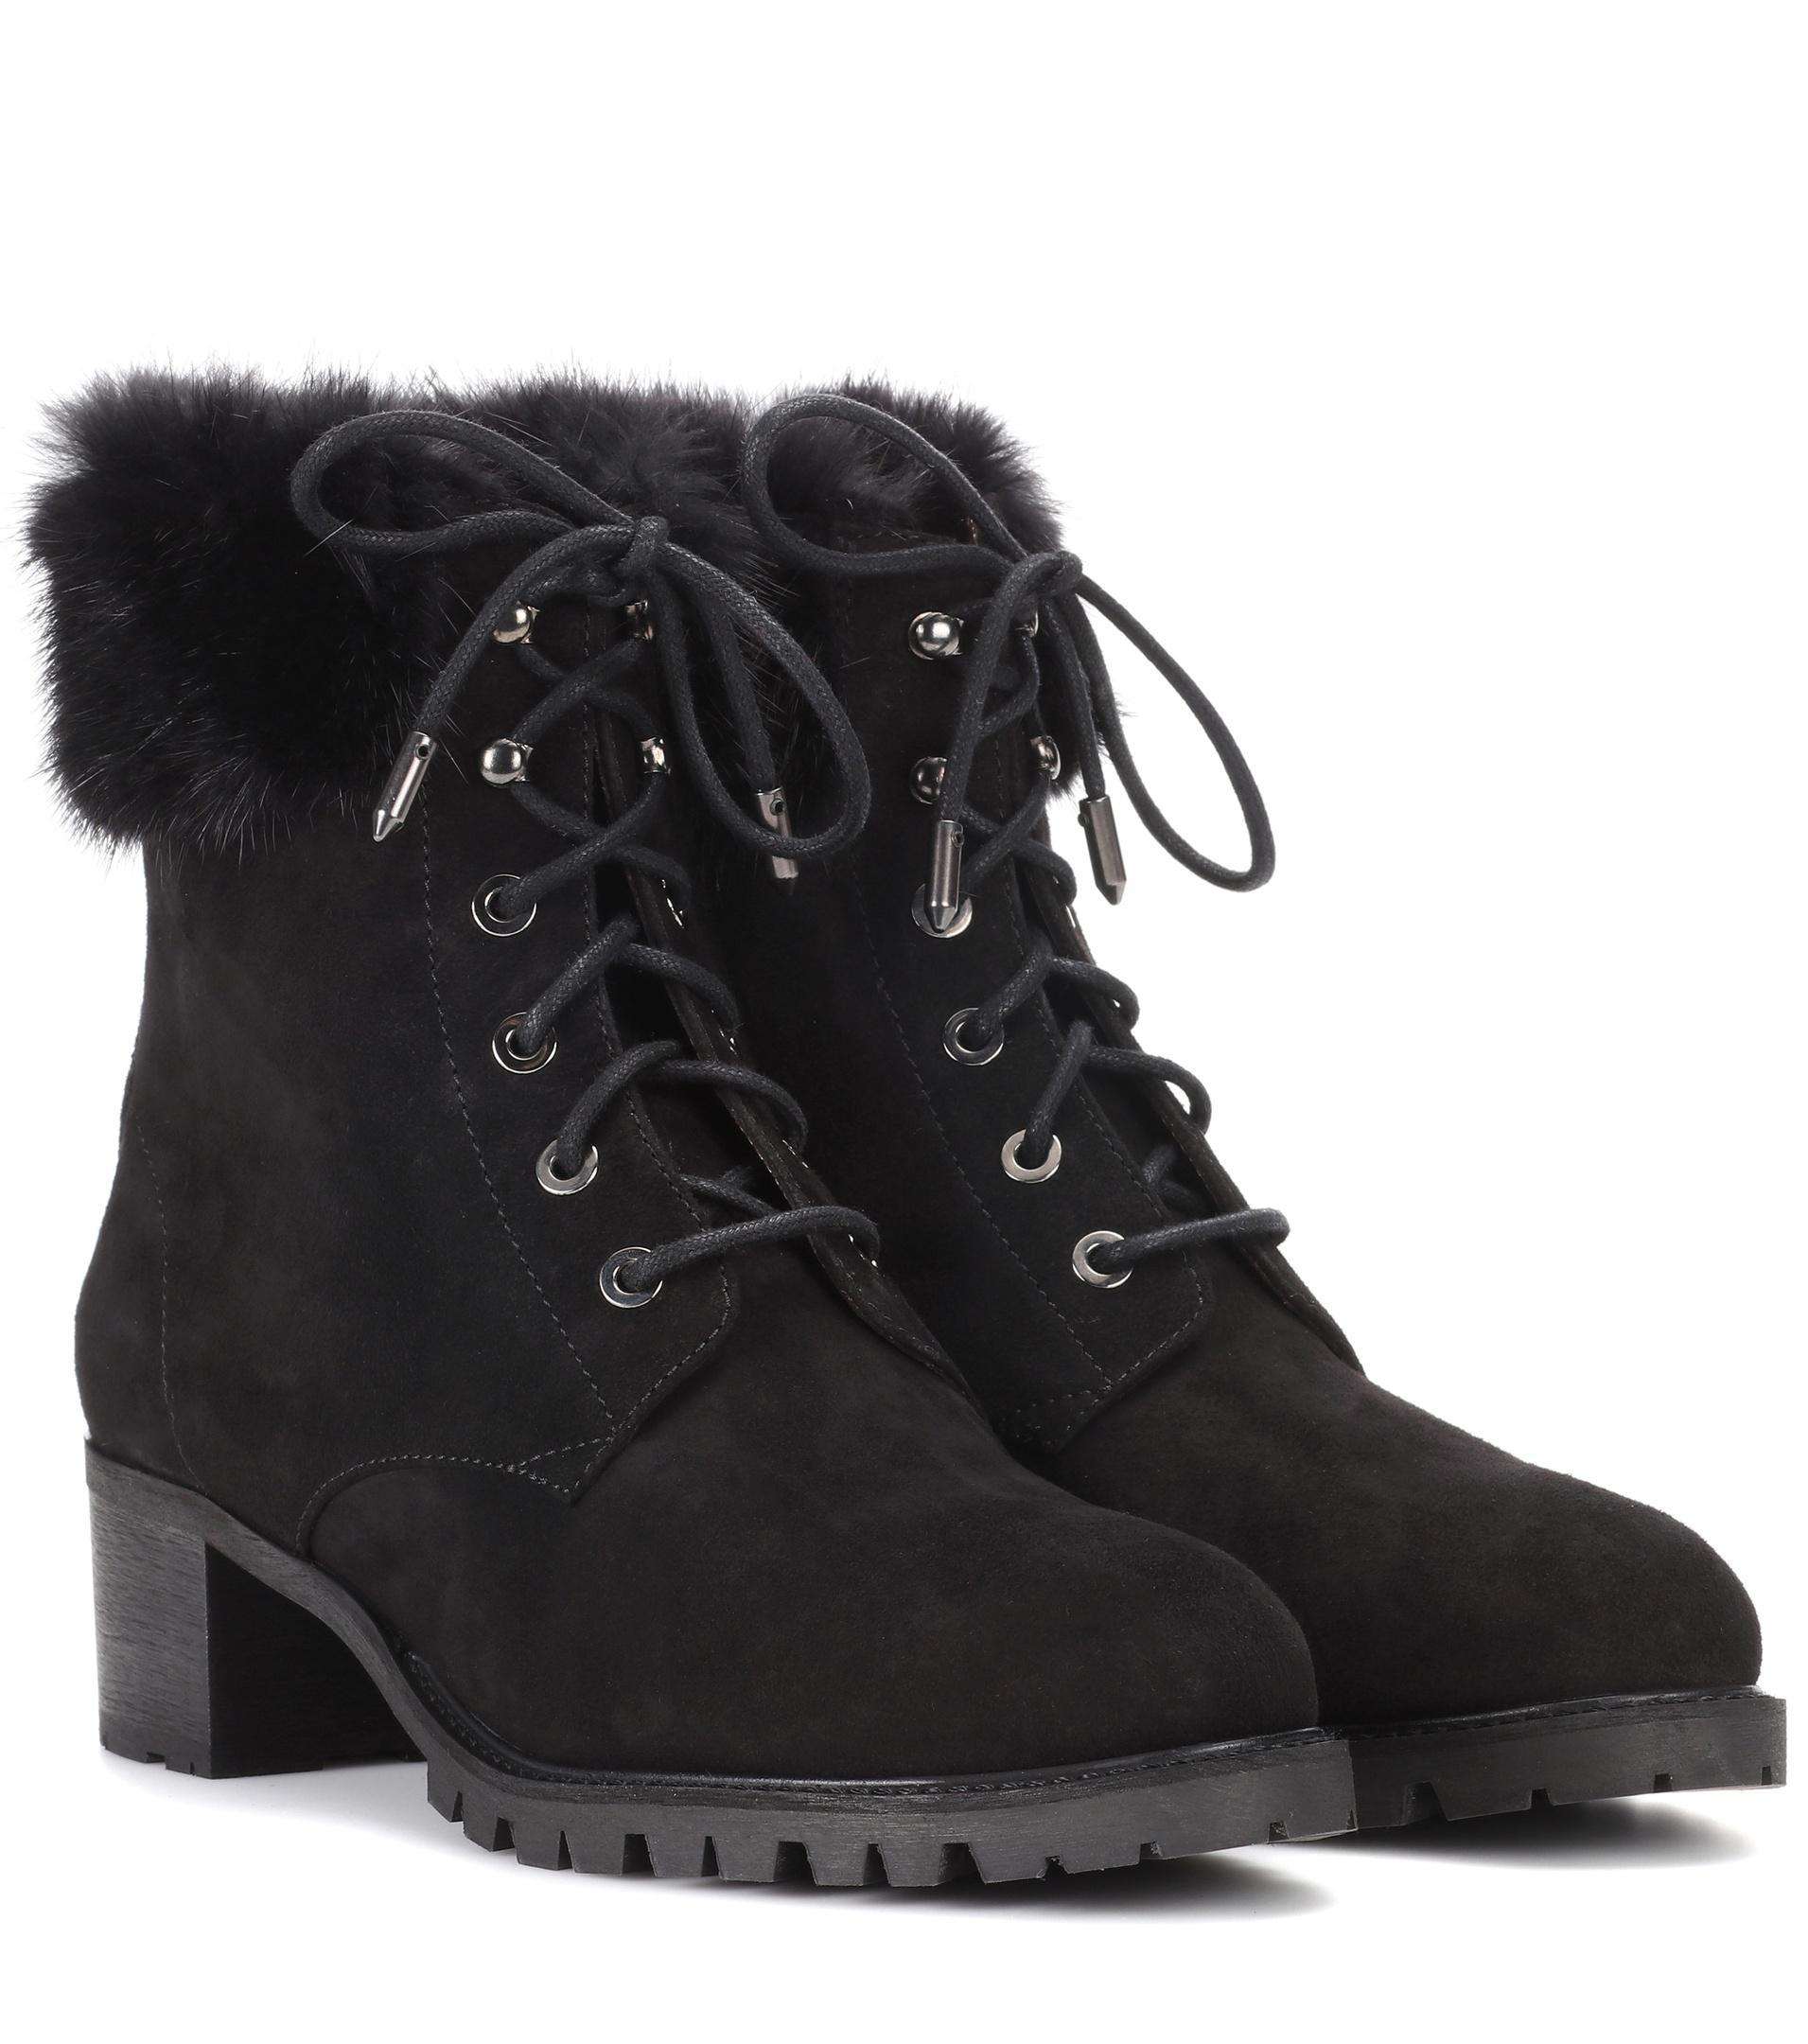 Aquazzura. Women's Black Mont Blanc 40 Suede Ankle Boots